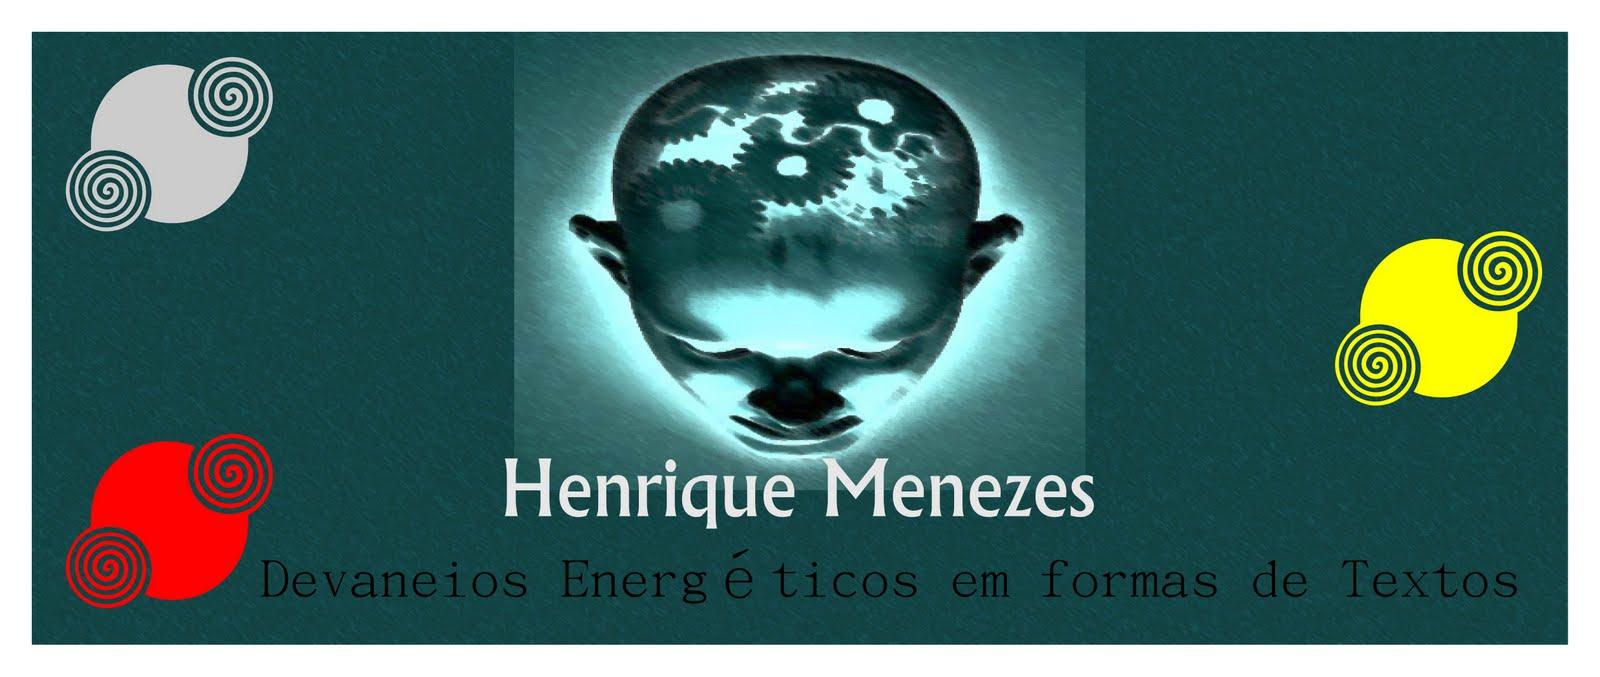 Henrique Menezes